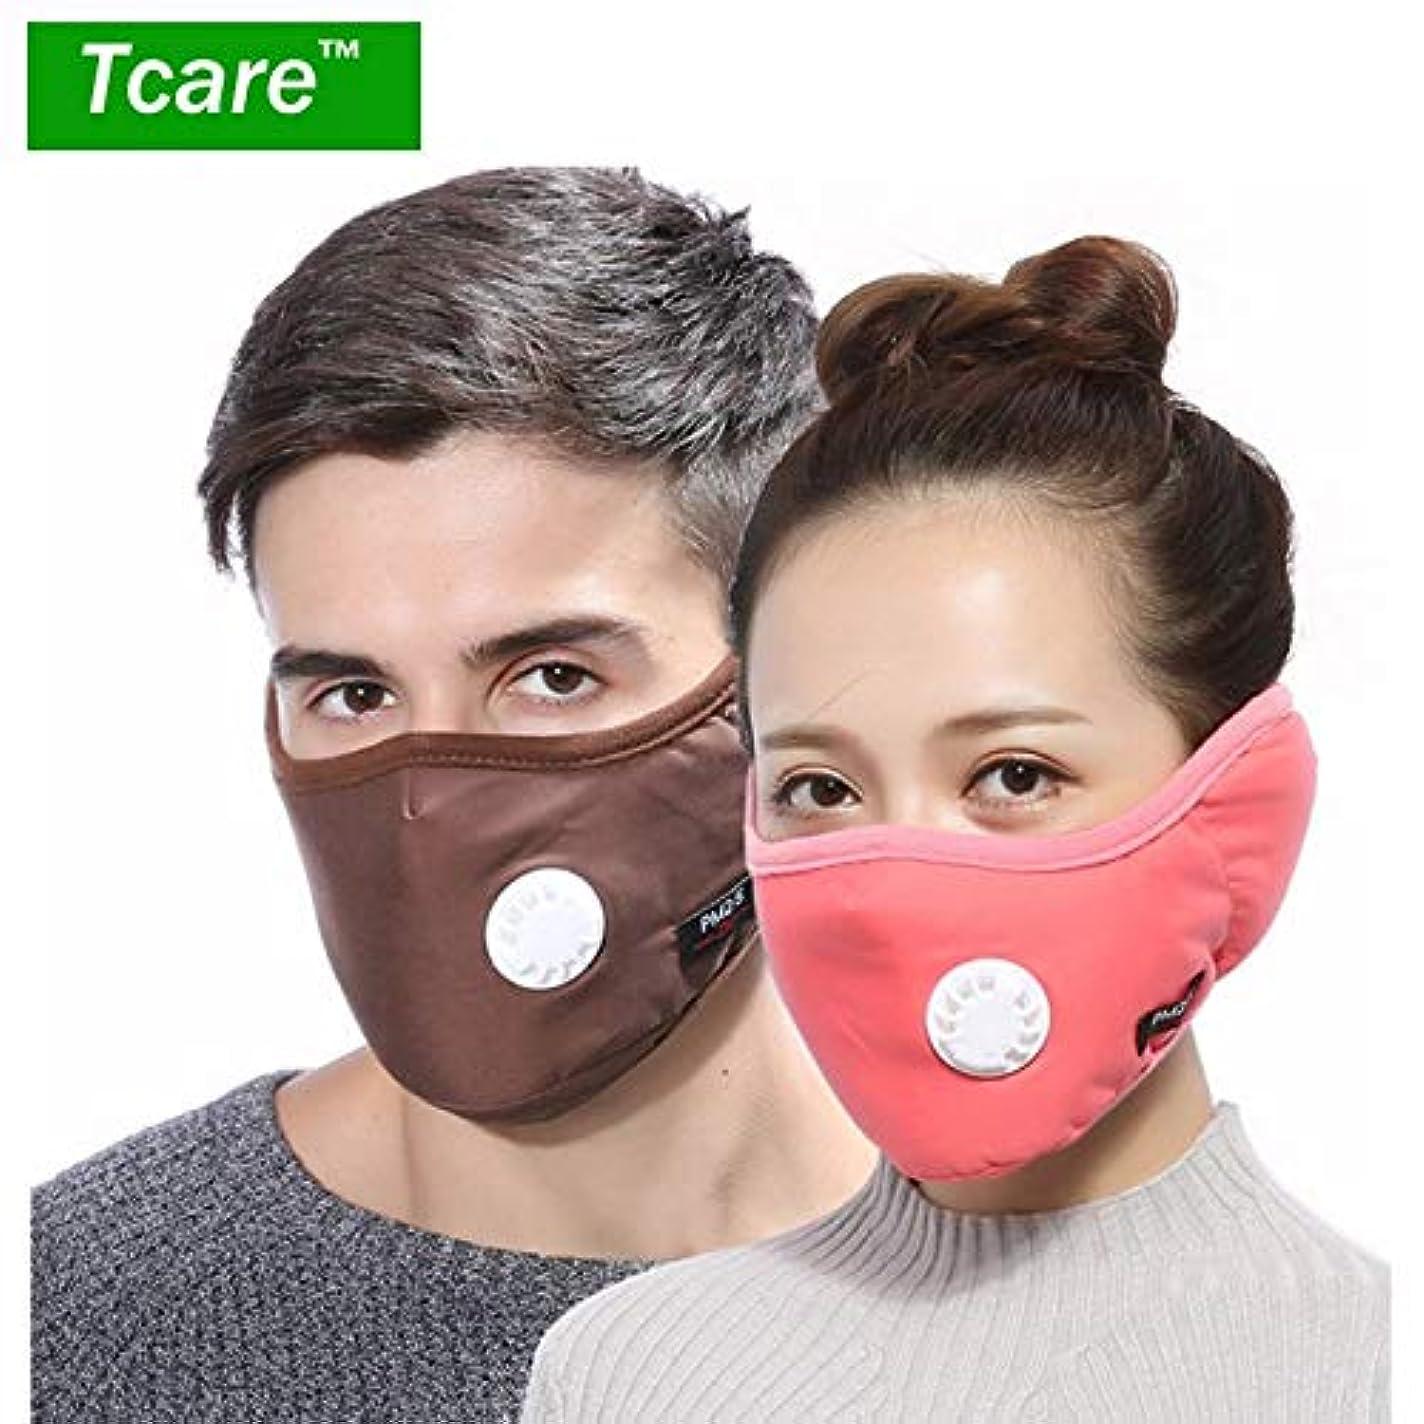 打ち負かす津波とは異なり4レッド:1 PM2.5マスクバルブコットンアンチダスト口マスクの冬のイヤーマフActtedフィルター付マスクでTcare 2